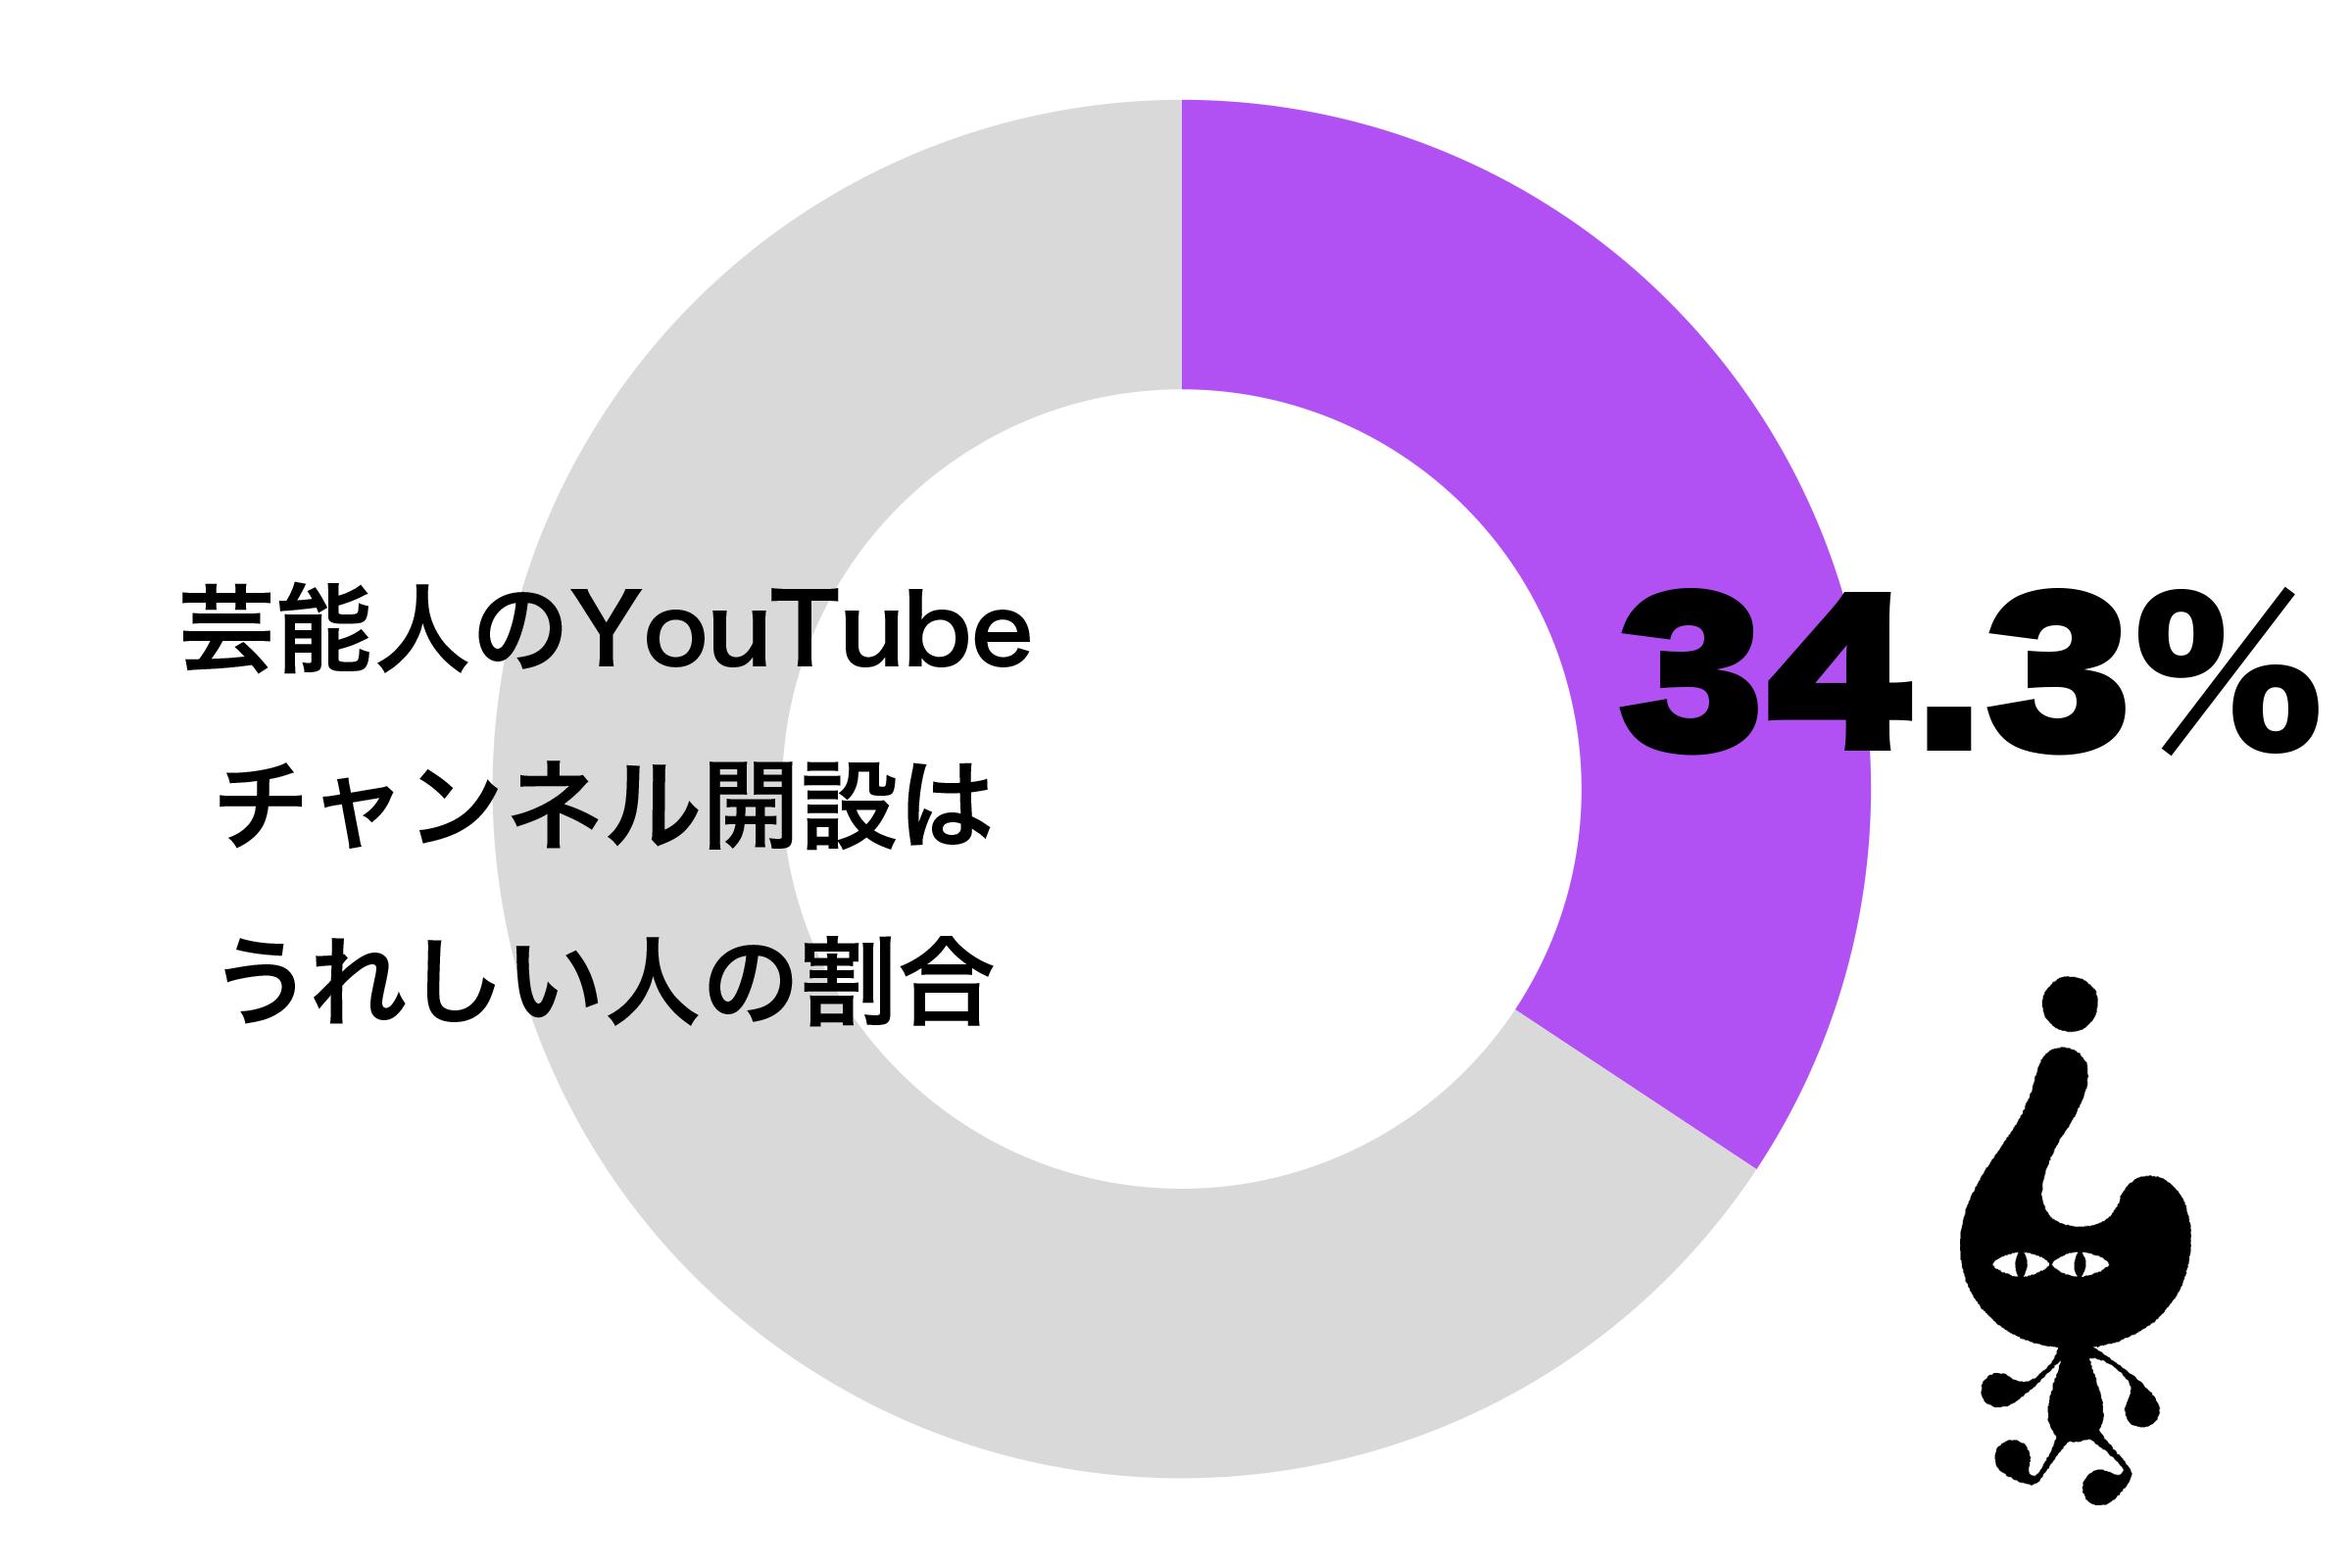 芸能人のYouTubeチャンネル開設はうれしい